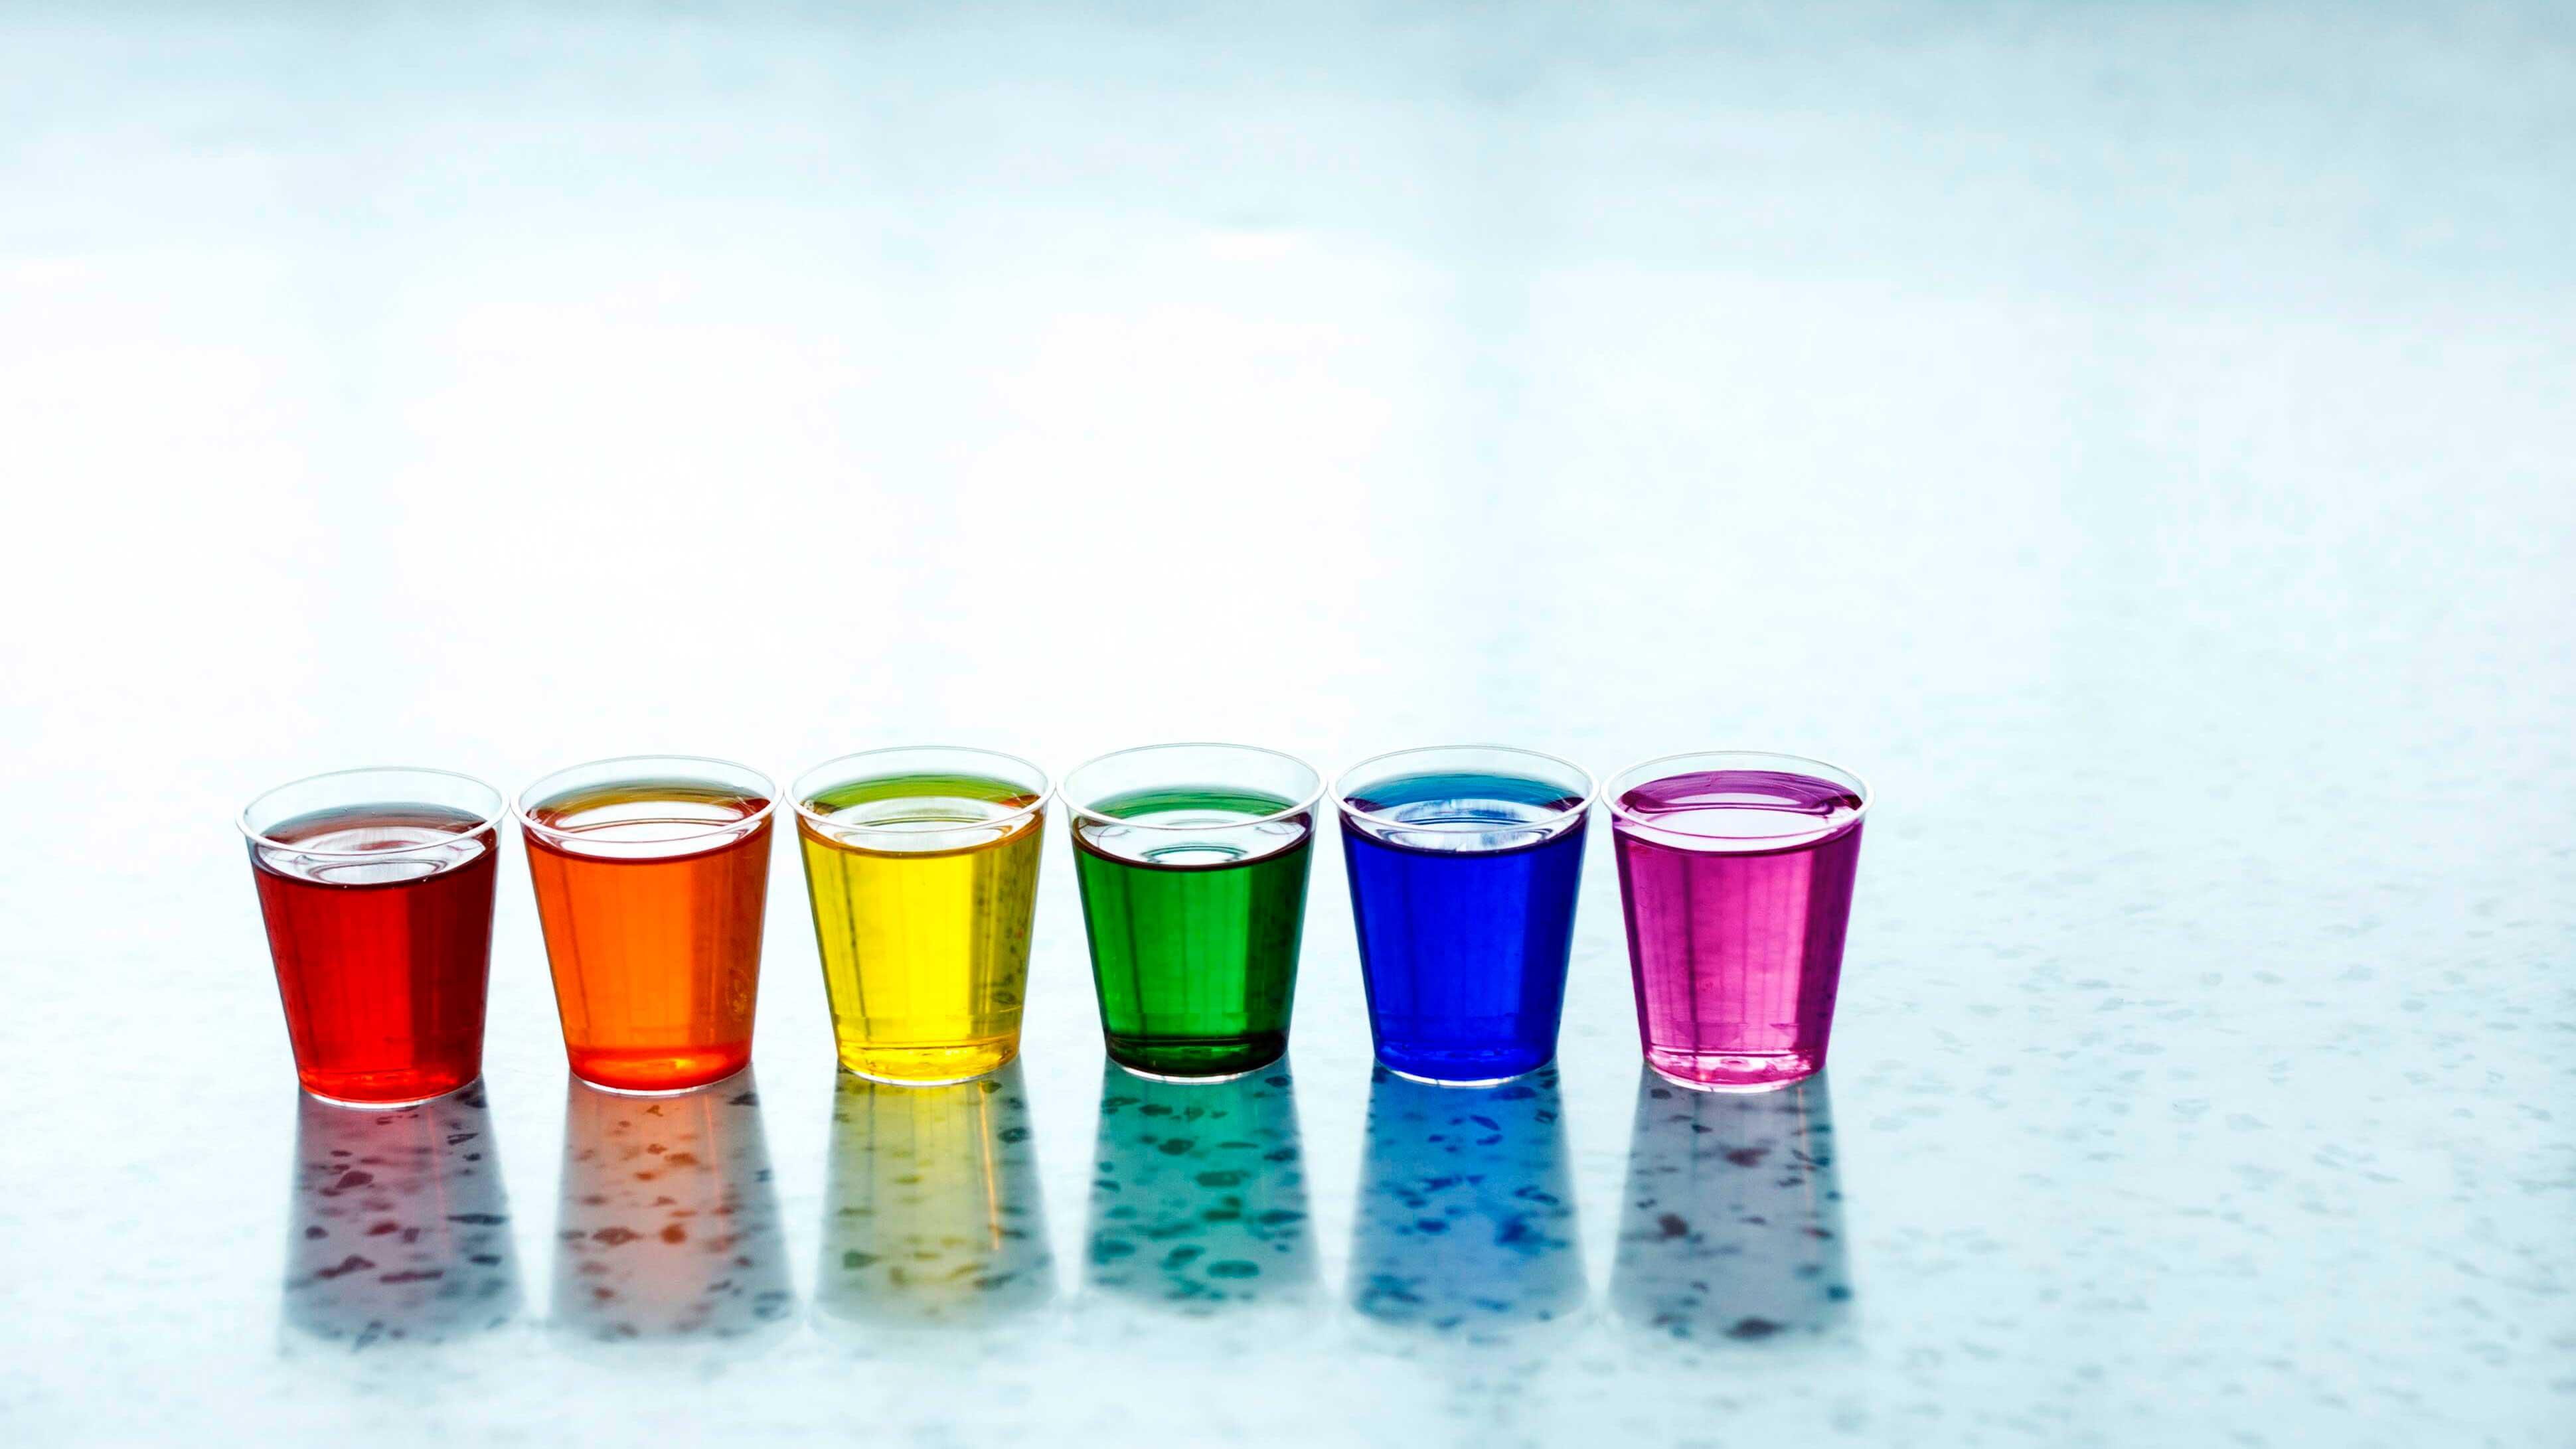 Fileira de copos com líquidos coloridos